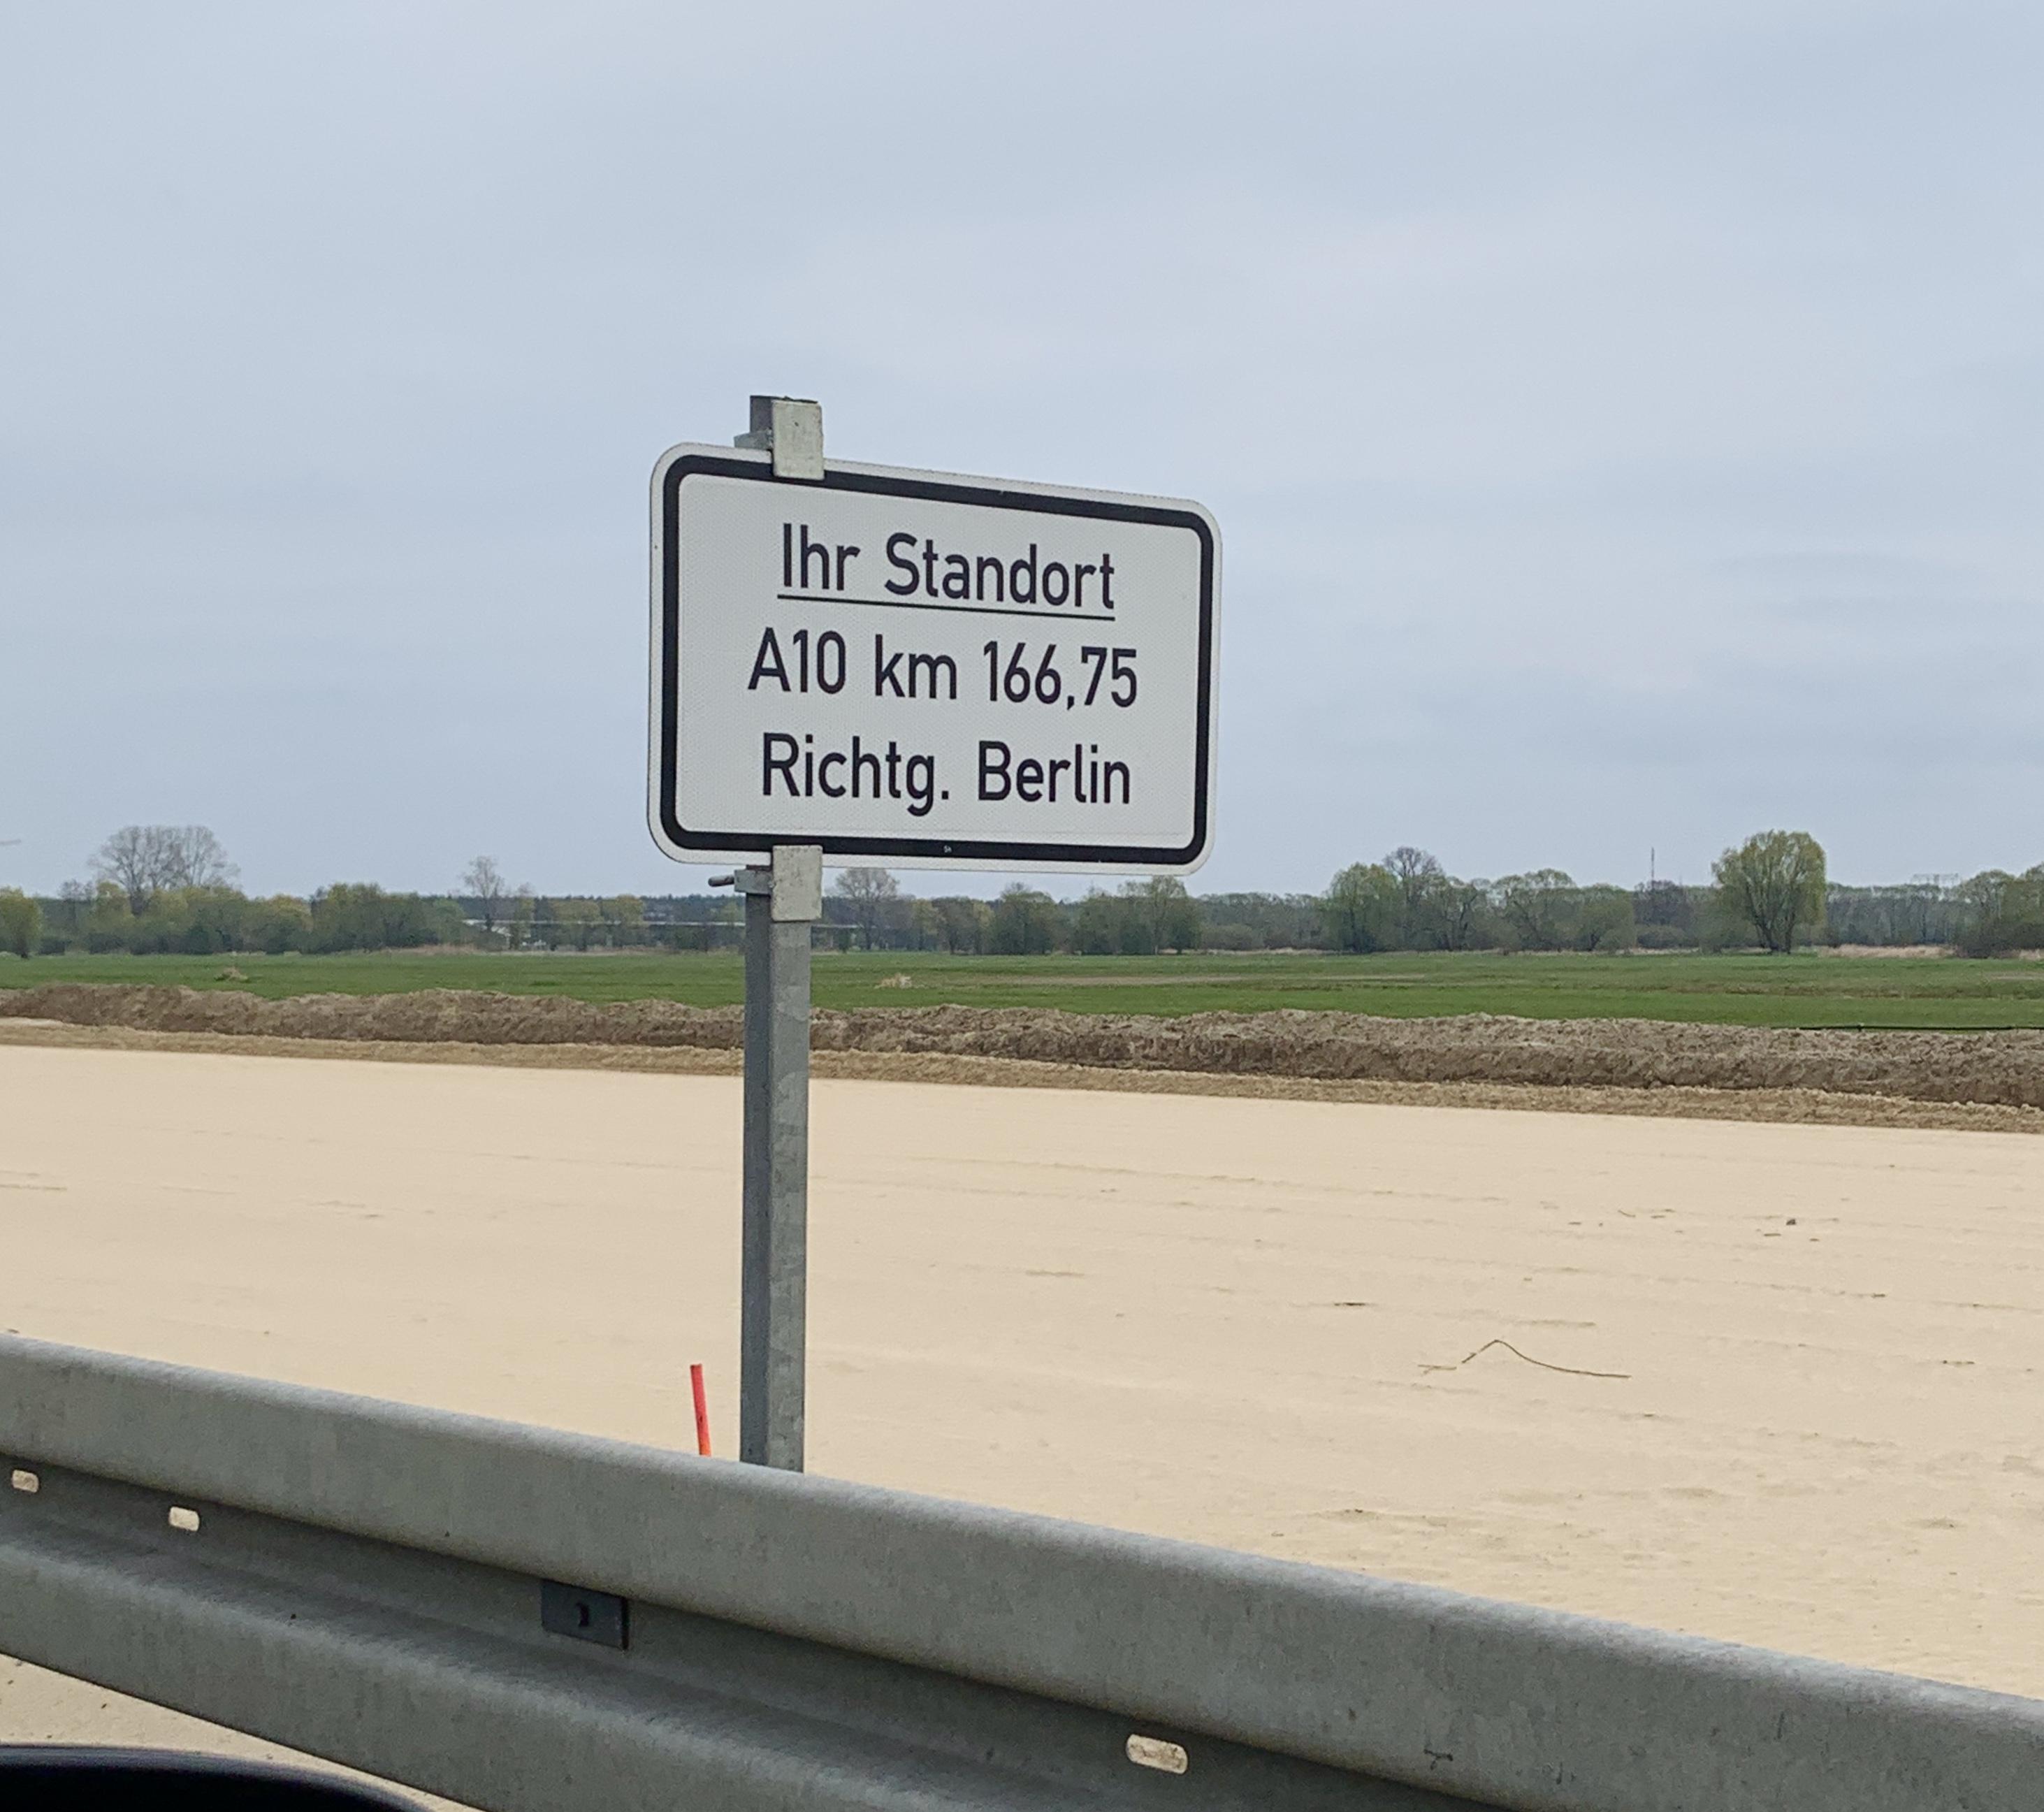 Wochenende in Bildern: Autobahn nach Berlin | berlinmittemom.com